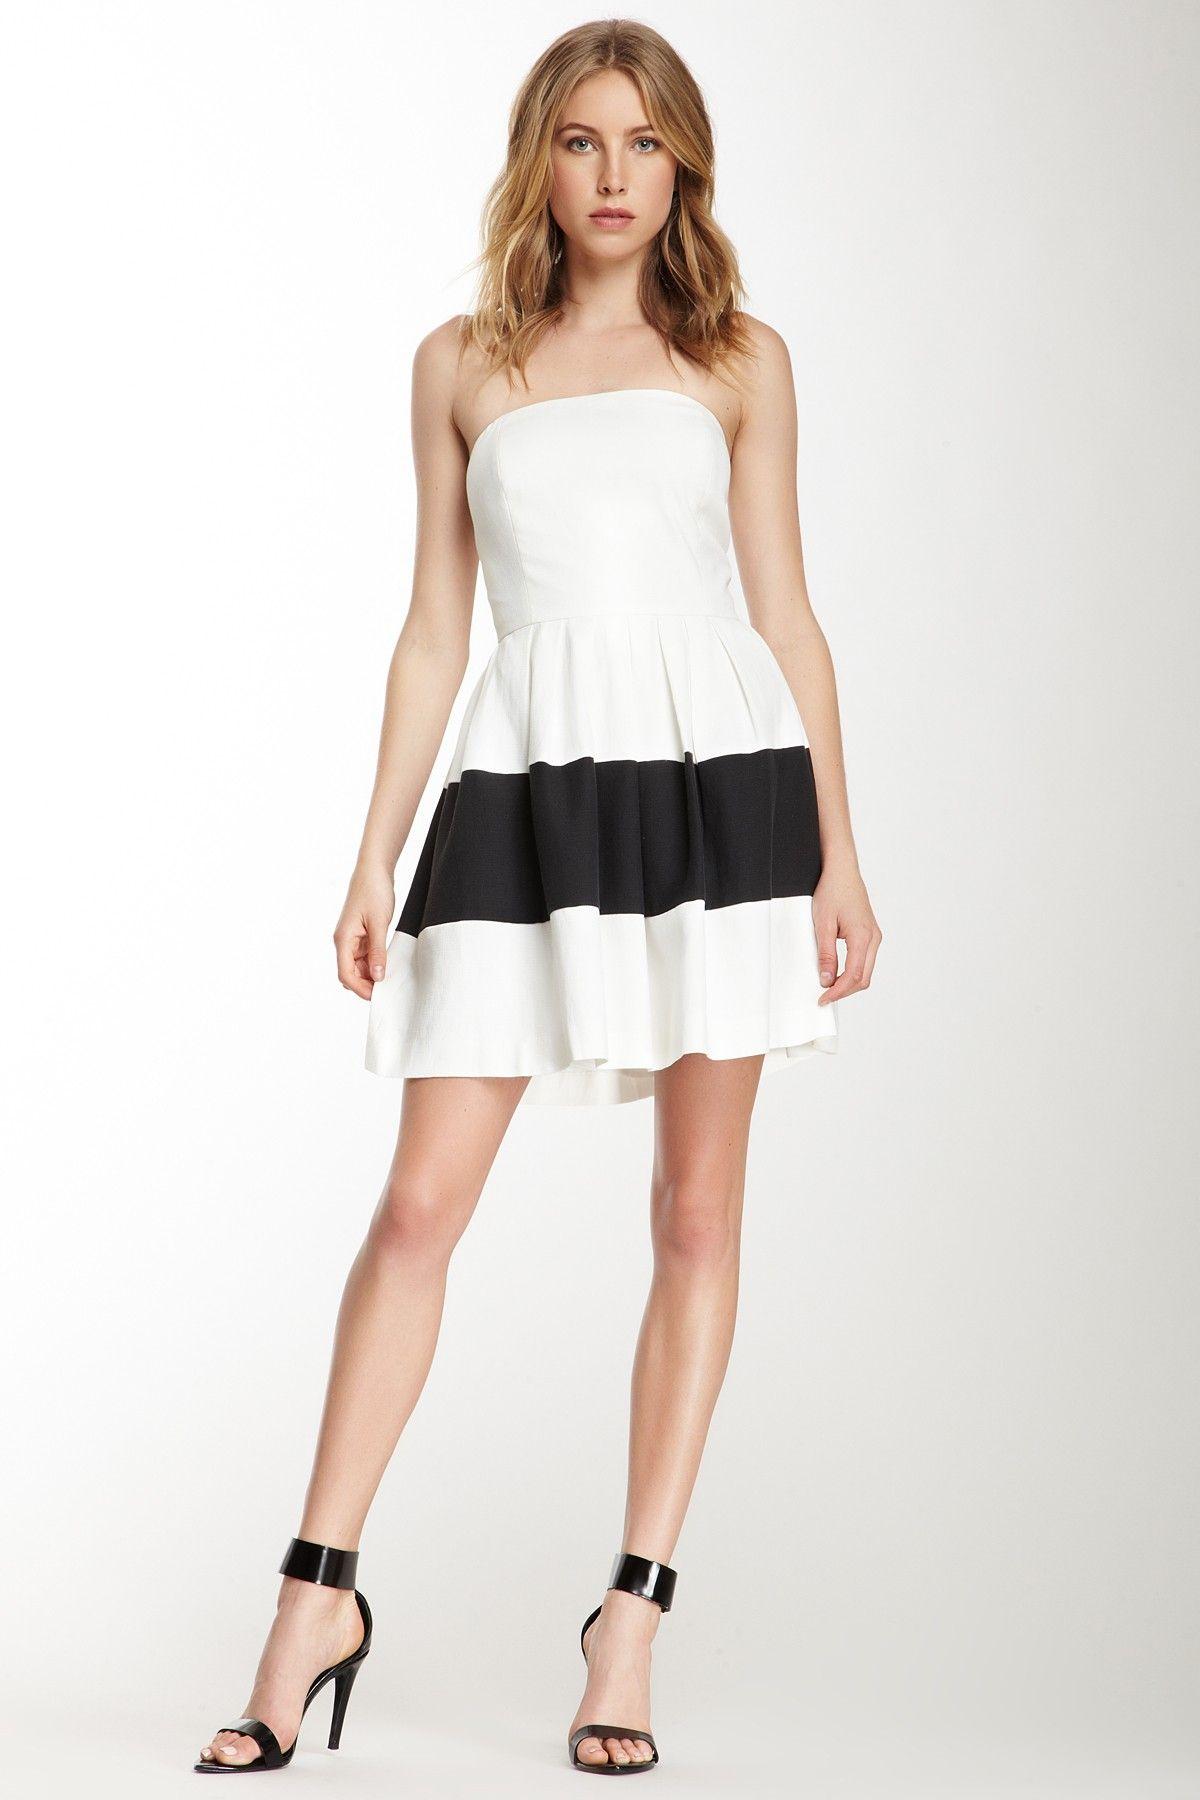 Dobby Dress | definition: MaNdi=) | Pinterest